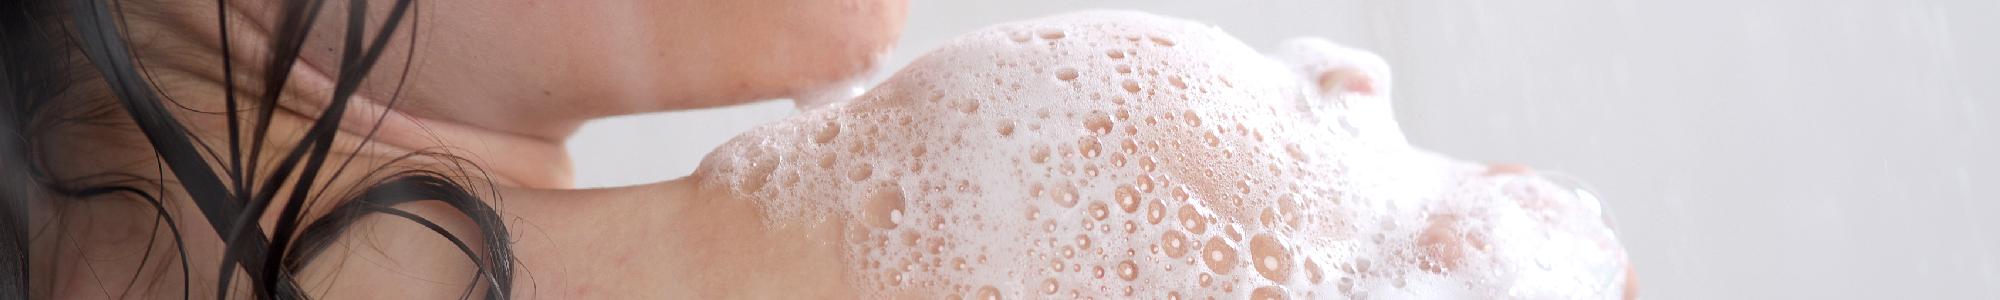 Huile de douche naturelle et biologique - huile lavante naturelle